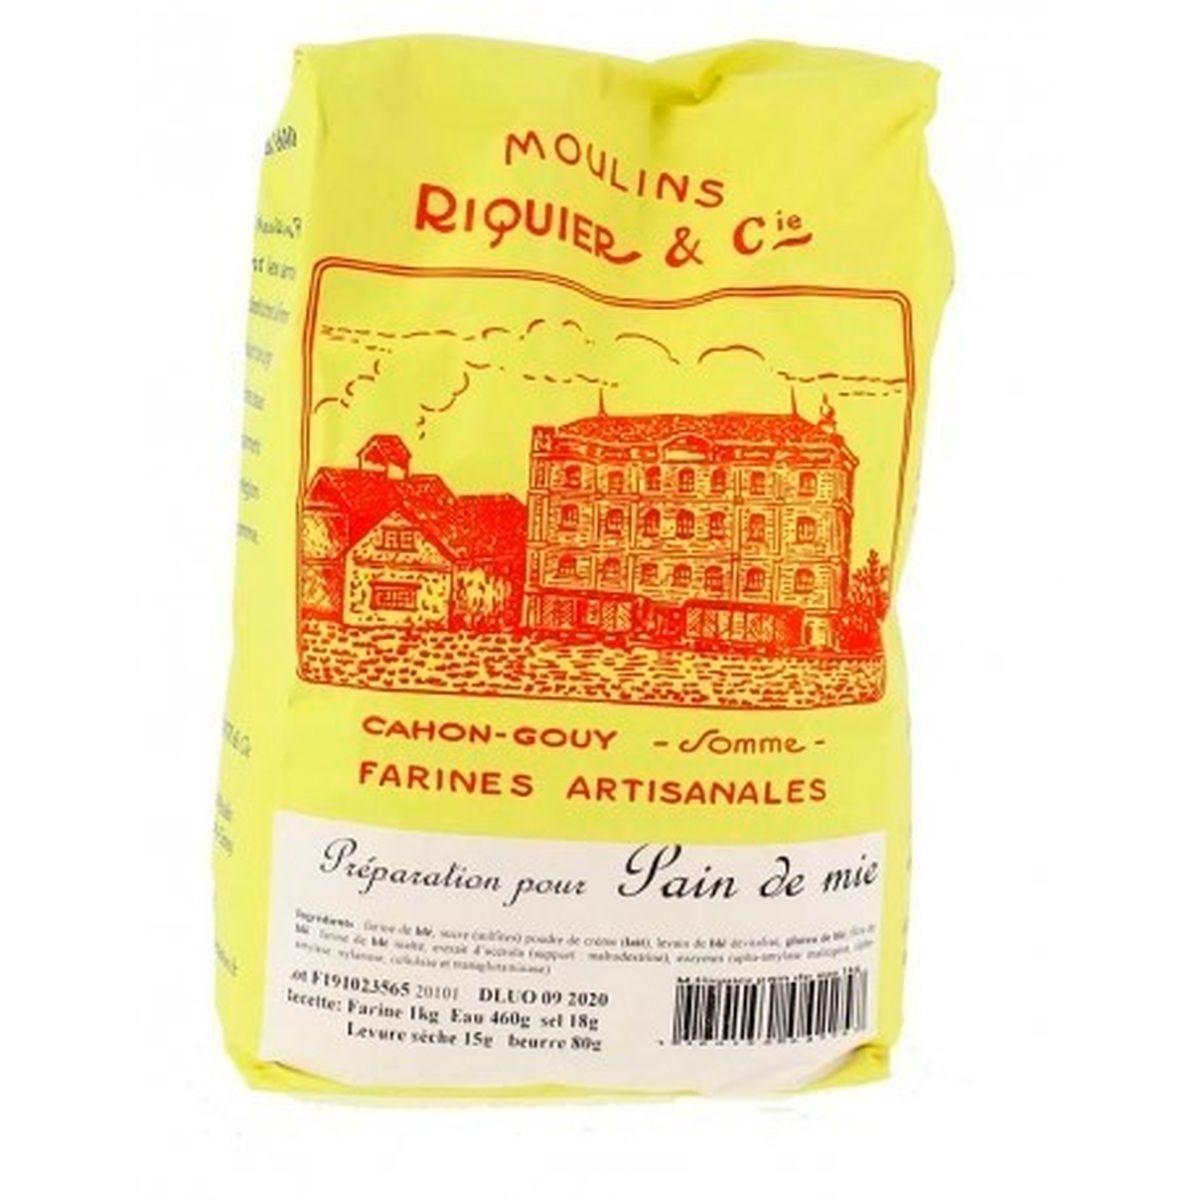 Préparation pour pain de mie 1 kg - Moulins Riquier